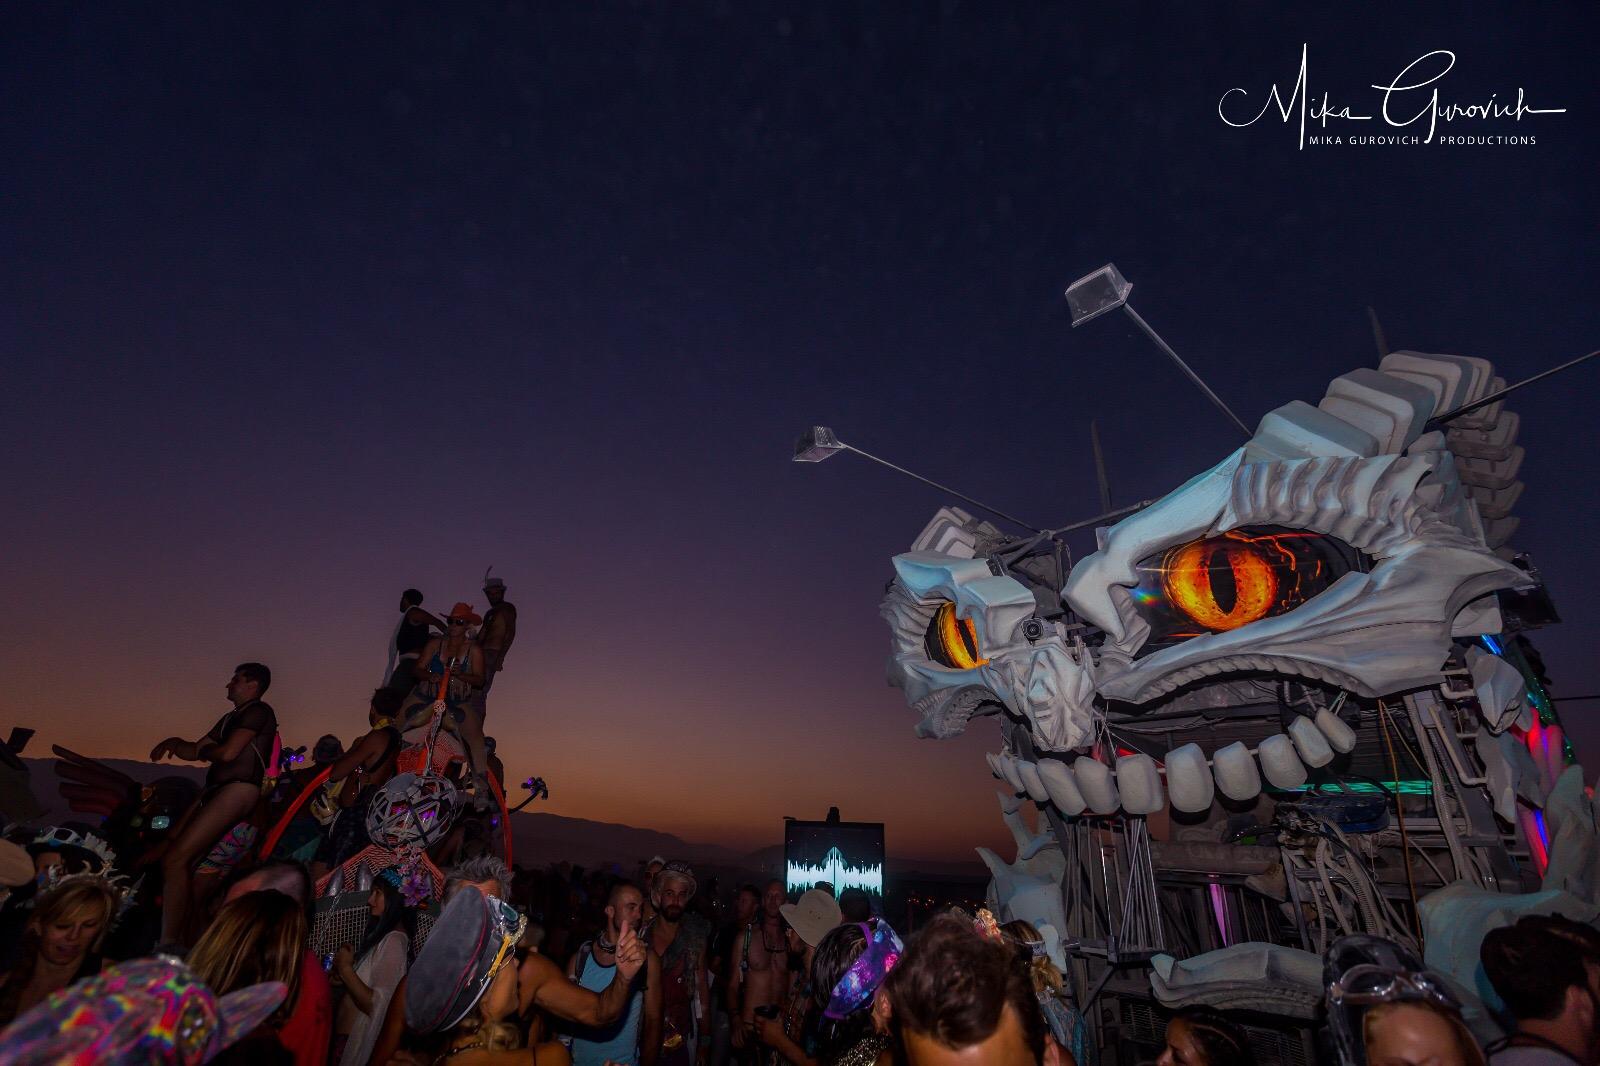 גן שעשועים לגדולים. לילה בברנינגמן 2017. צילום: מיקה גורביץ'